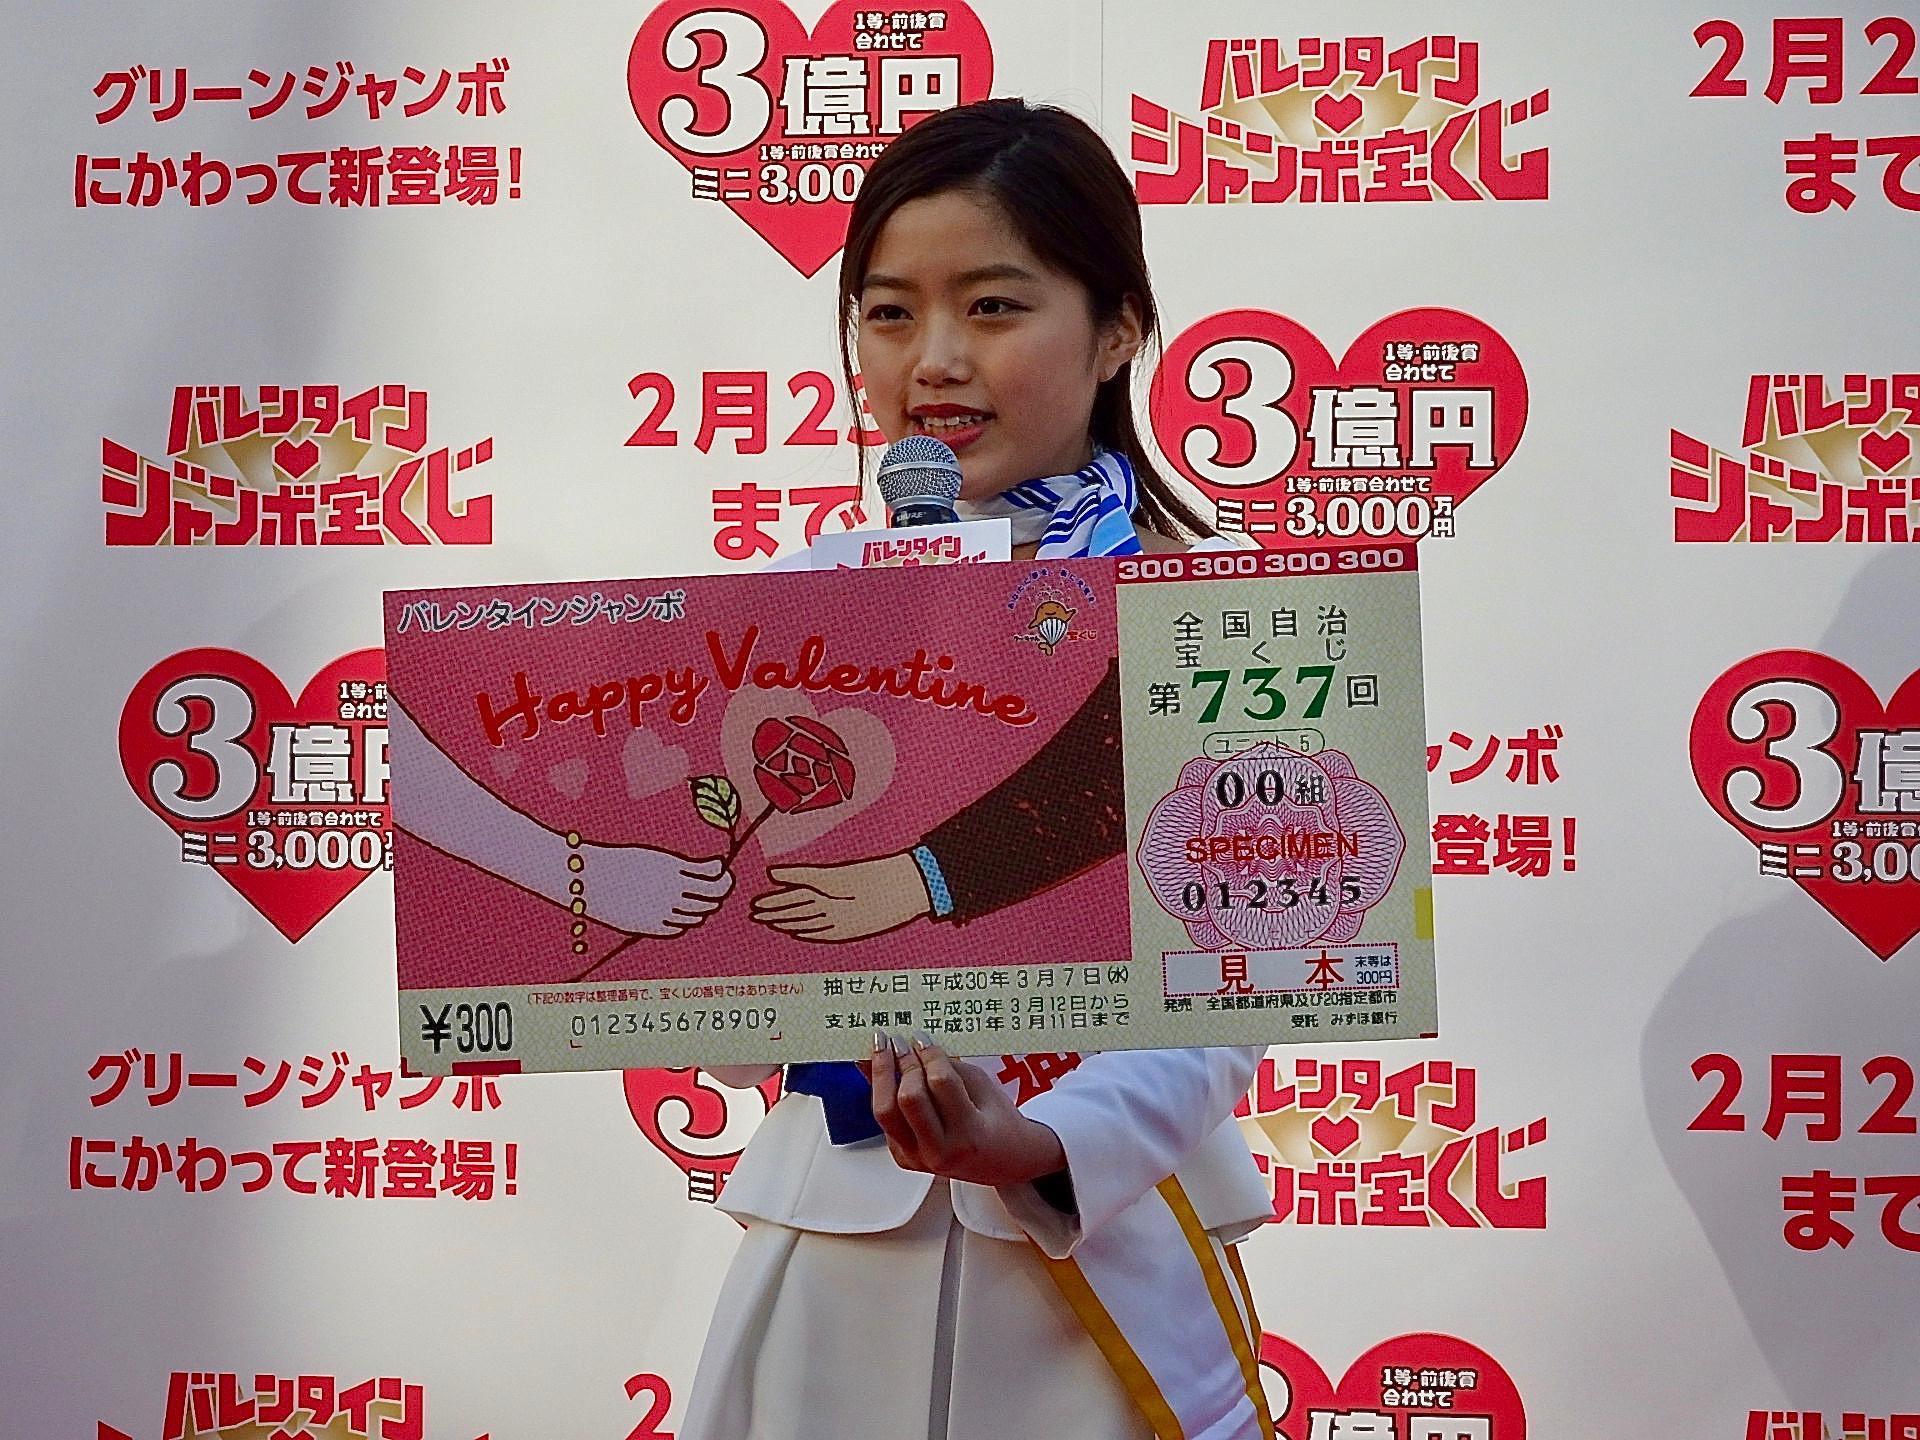 http://news.yoshimoto.co.jp/20180131175633-f9a1912e92f15600e9876ed6c8dbcca02f5c8acc.jpg